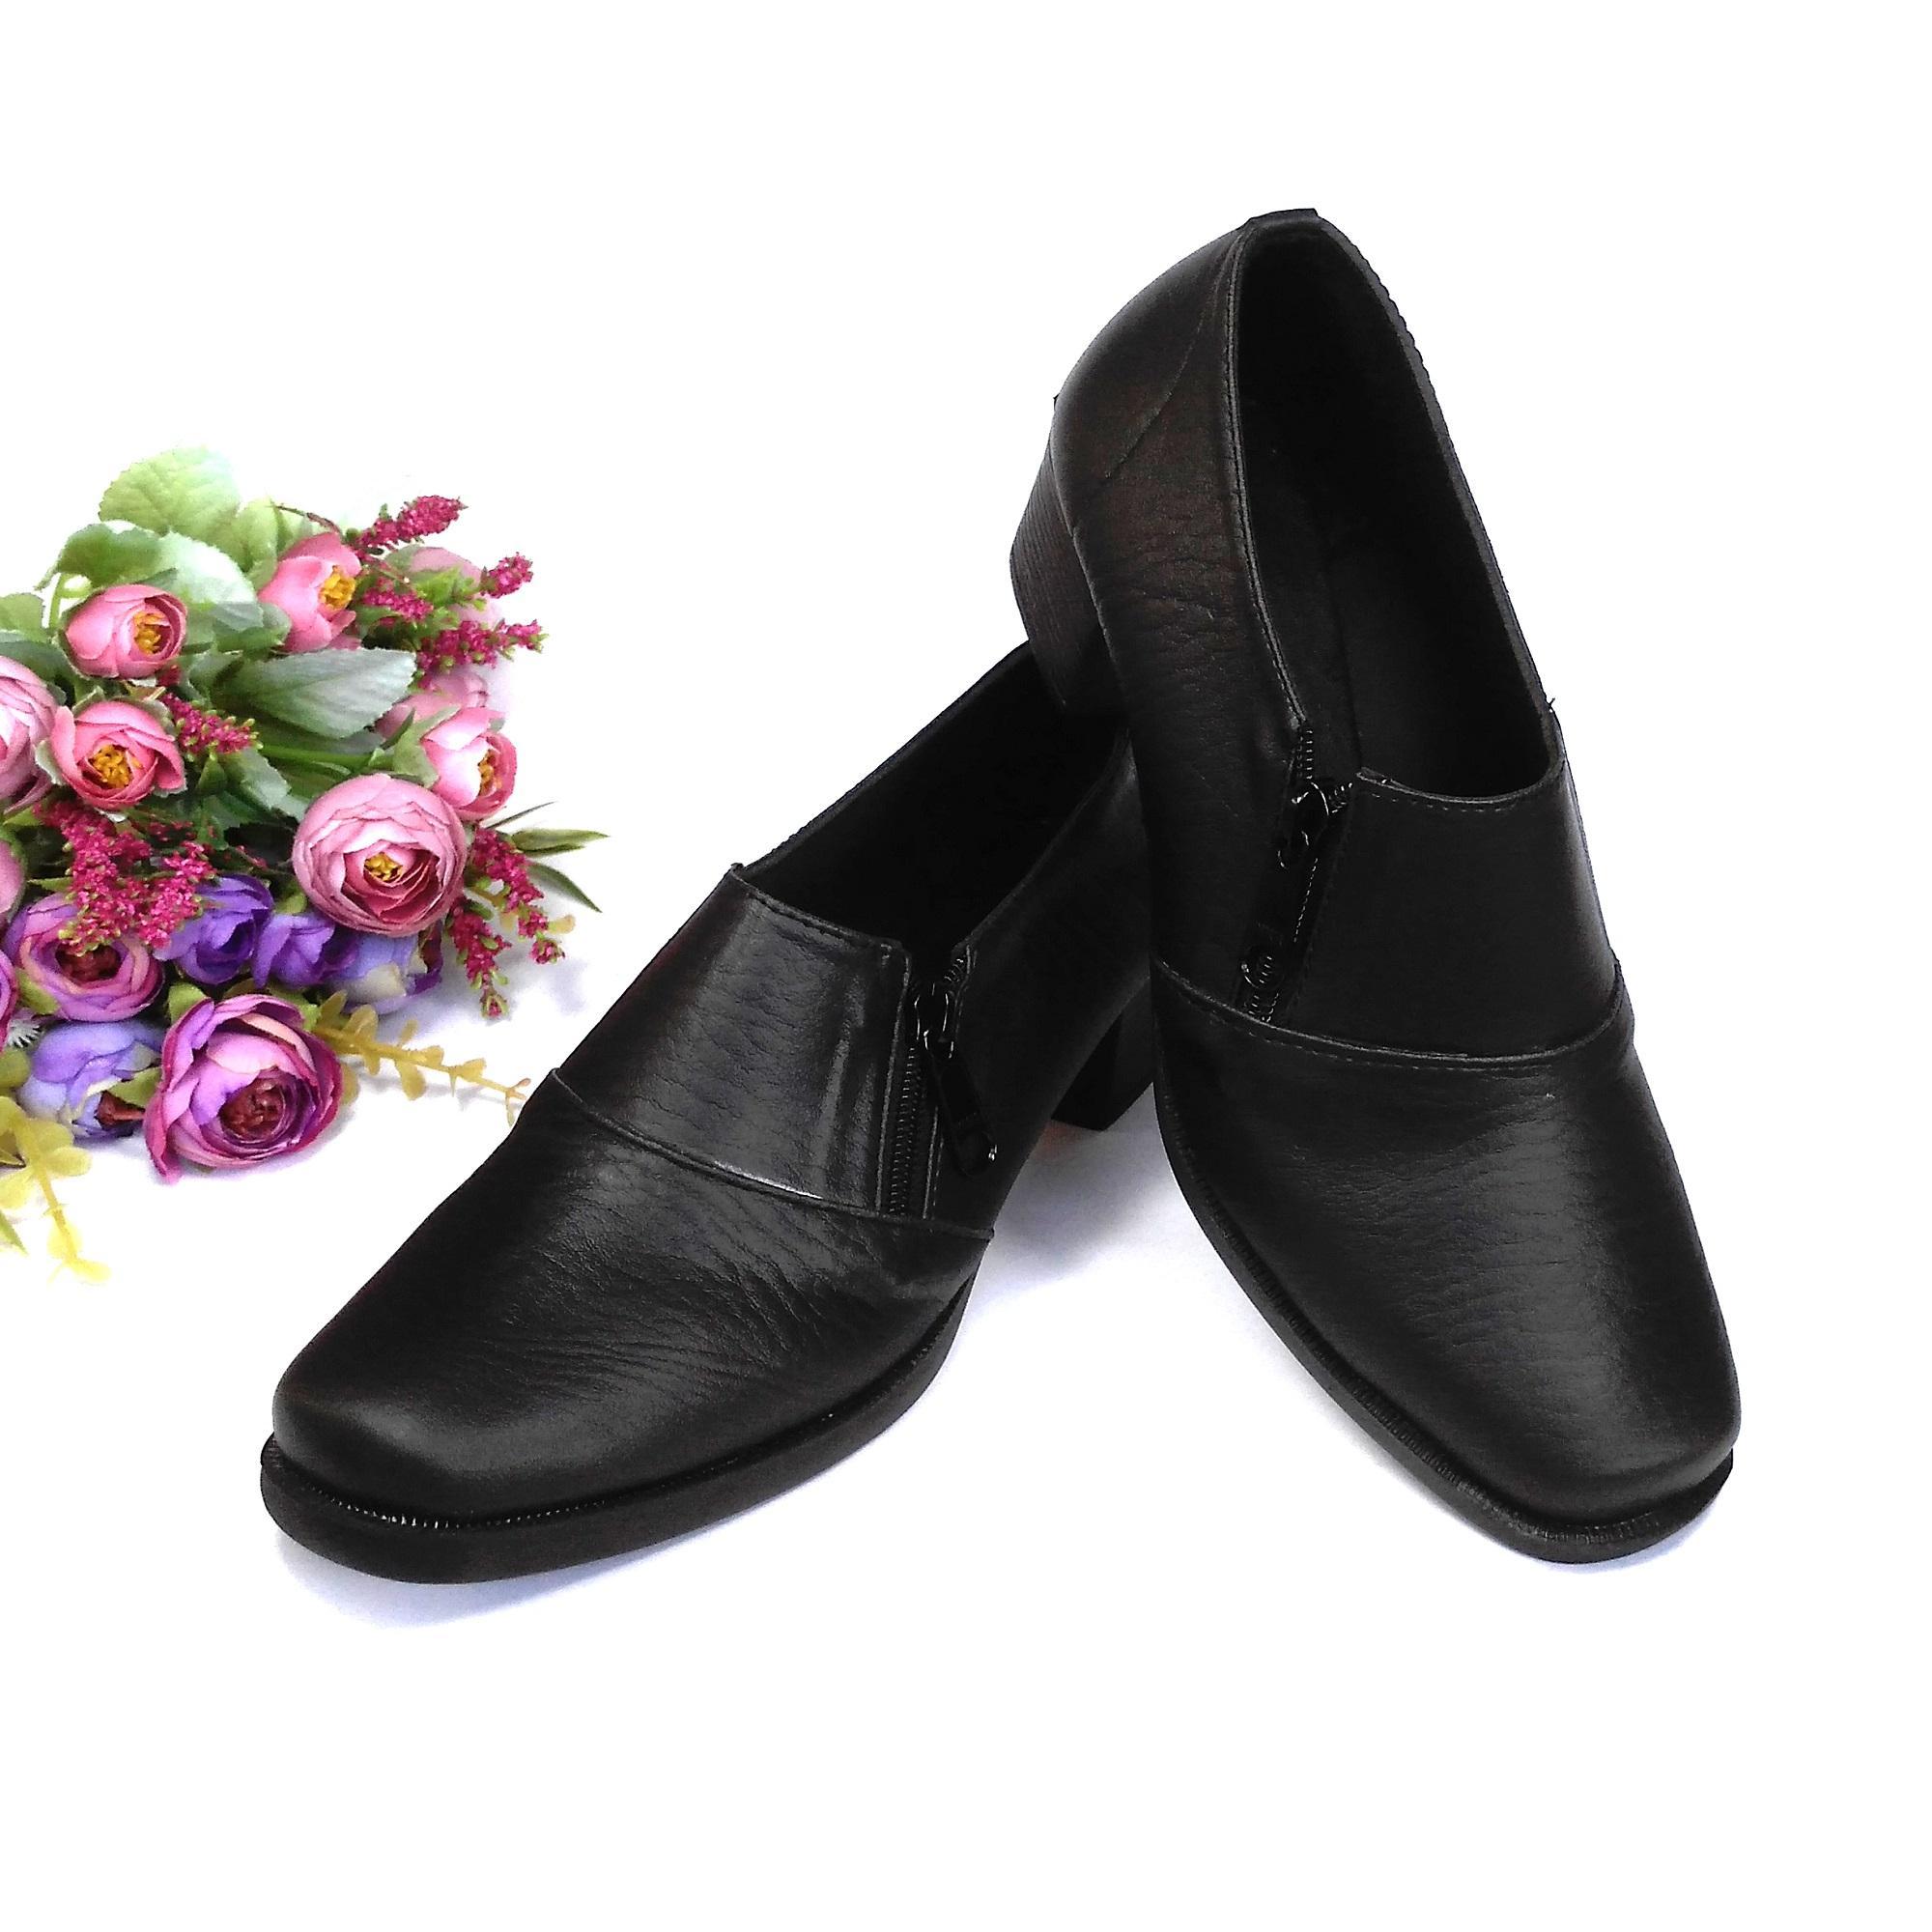 Detail Gambar HQo Sepatu Pantofel Wanita Sepatu Boot Wanita Sepatu Pantofel Paskibra Wanita Bertali Sepatu Kerja Wanita Sepatu Kantor Wanita